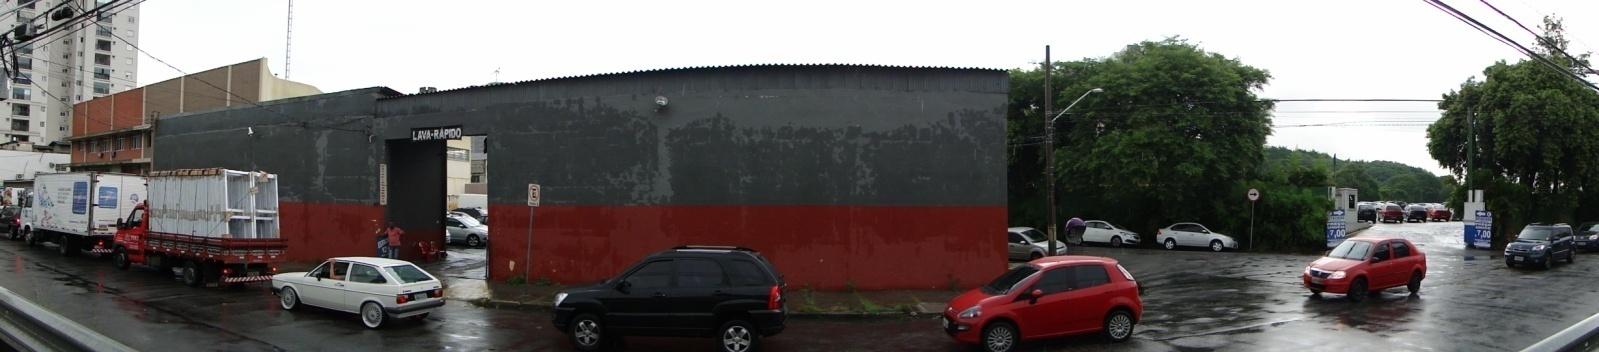 ZEIS 3 na Rua José Gomes Falcão. Segundo estudo preliminar de COHAB-SP, neste terreno seria possível construir empreendimento com 65 unidades habitacionais.